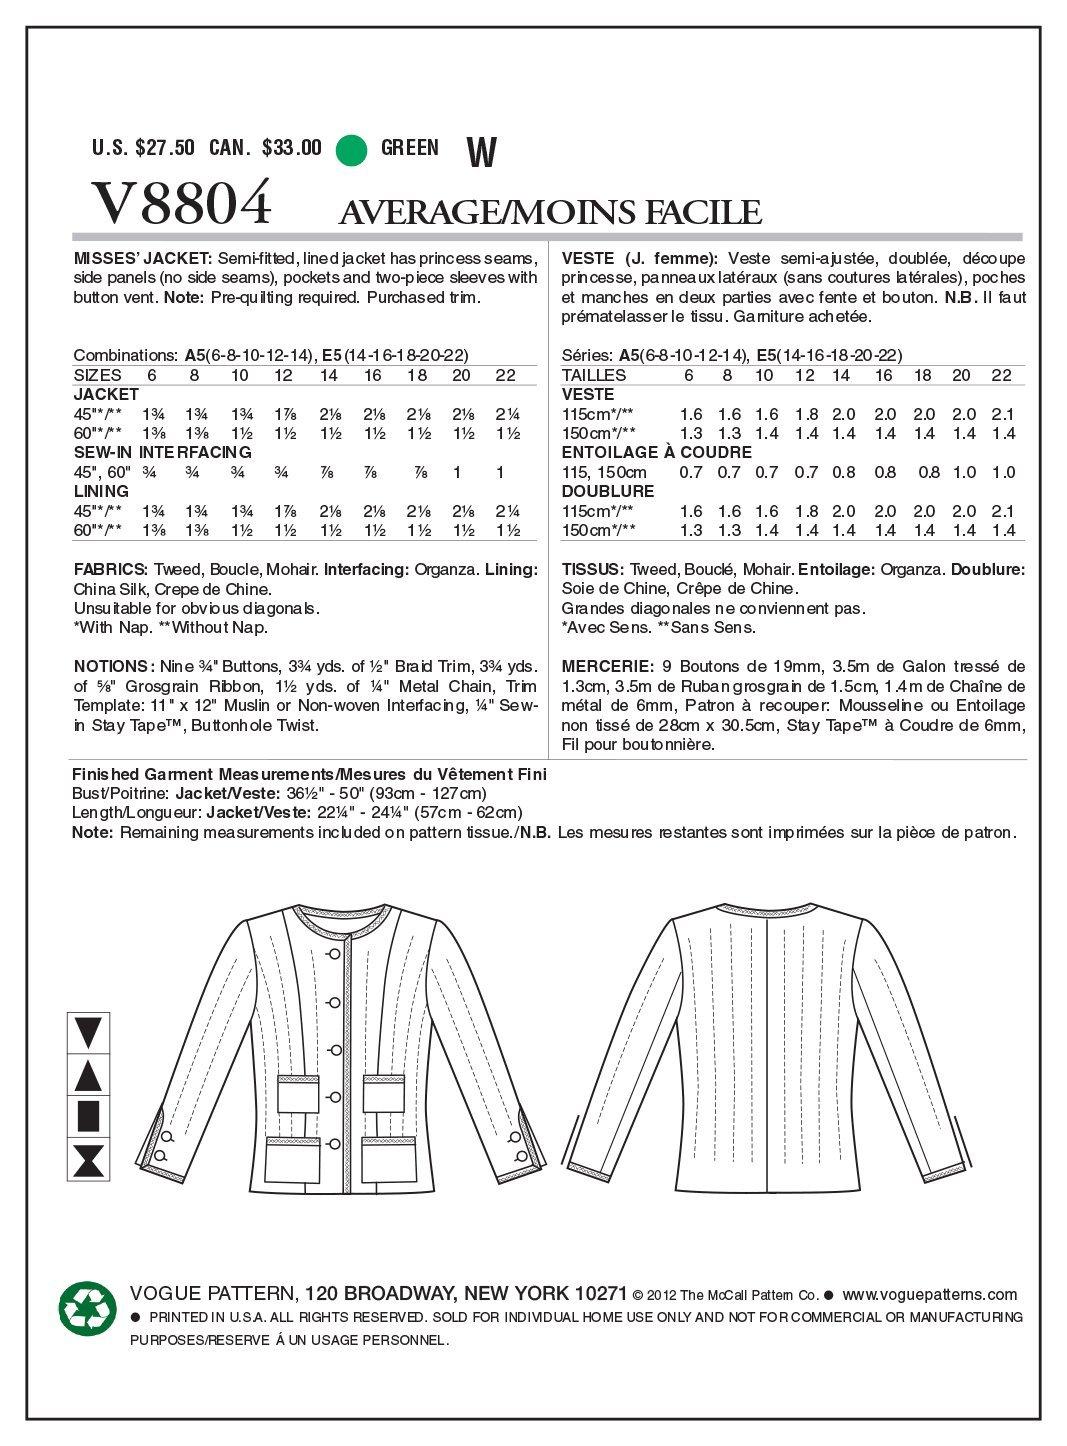 Vogue Patterns V8804 - Patrones de costura para chaquetas de mujer ...